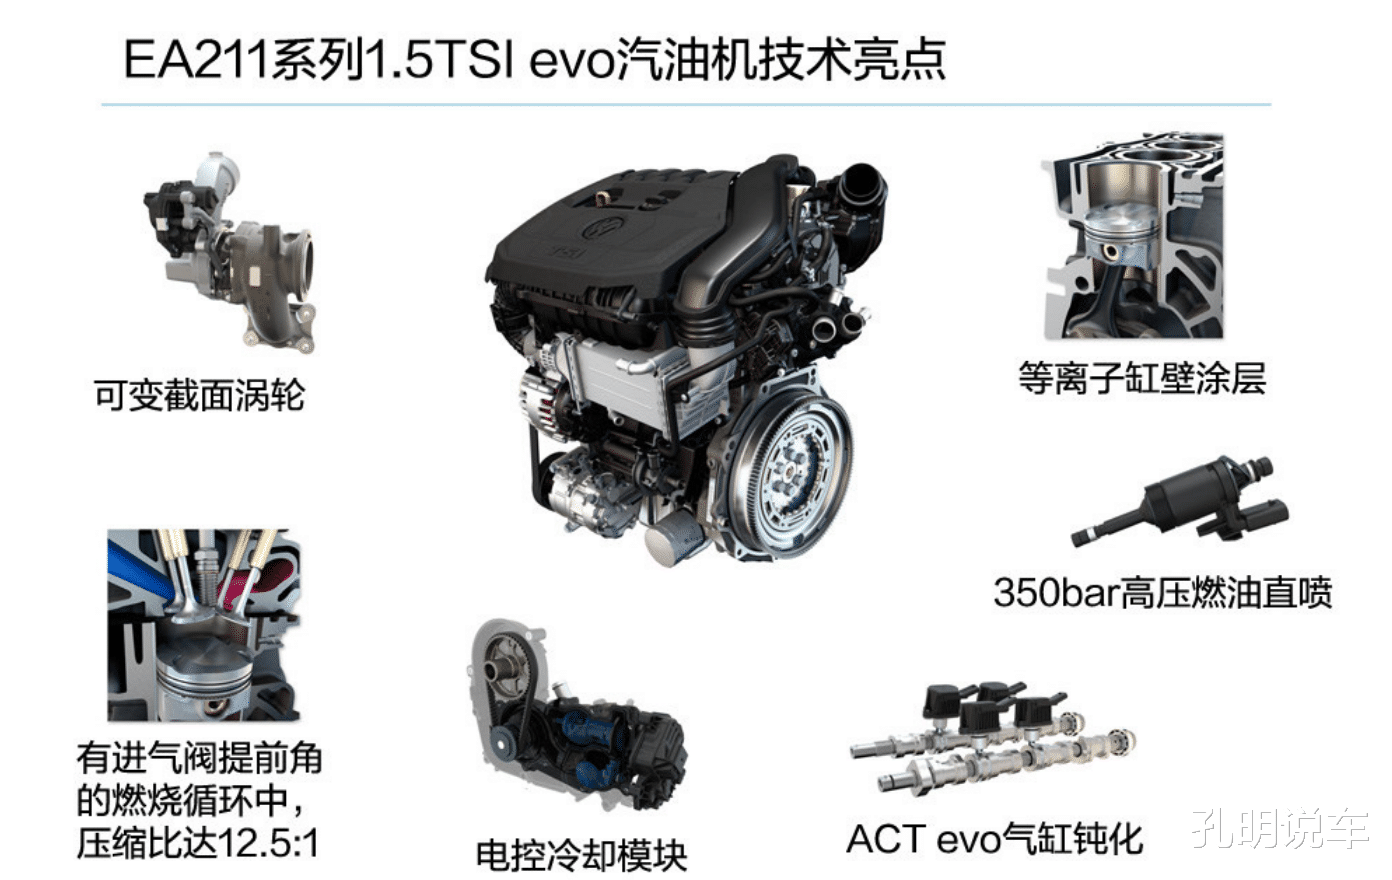 大眾EA211新成員,1.5T排量,準備買寶來速騰,可以再等等-圖4